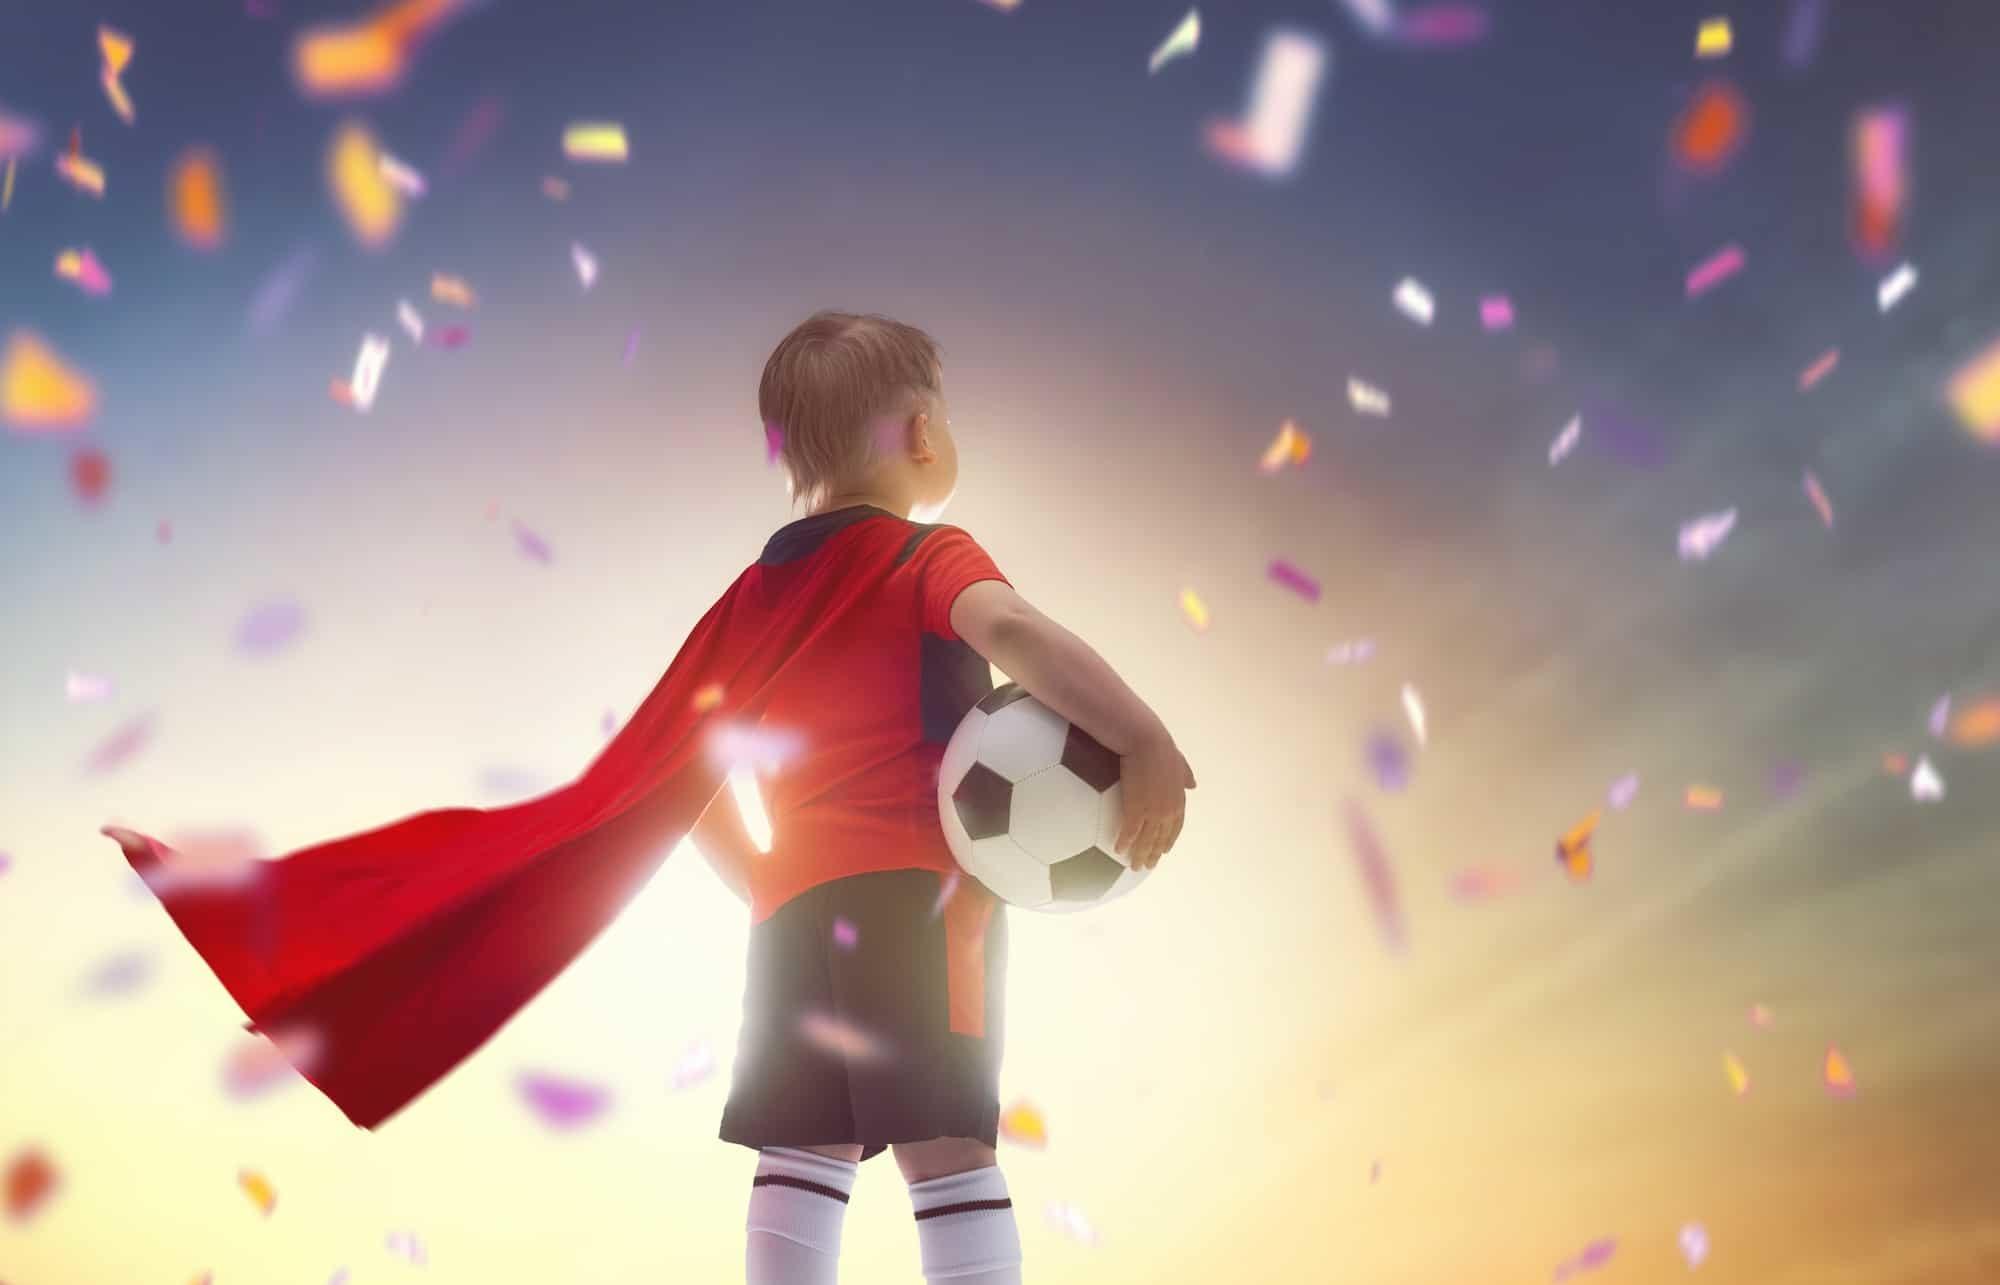 Narcisismo infantile: lo sviluppo del narcisismo sano | Dipendiamo.blog